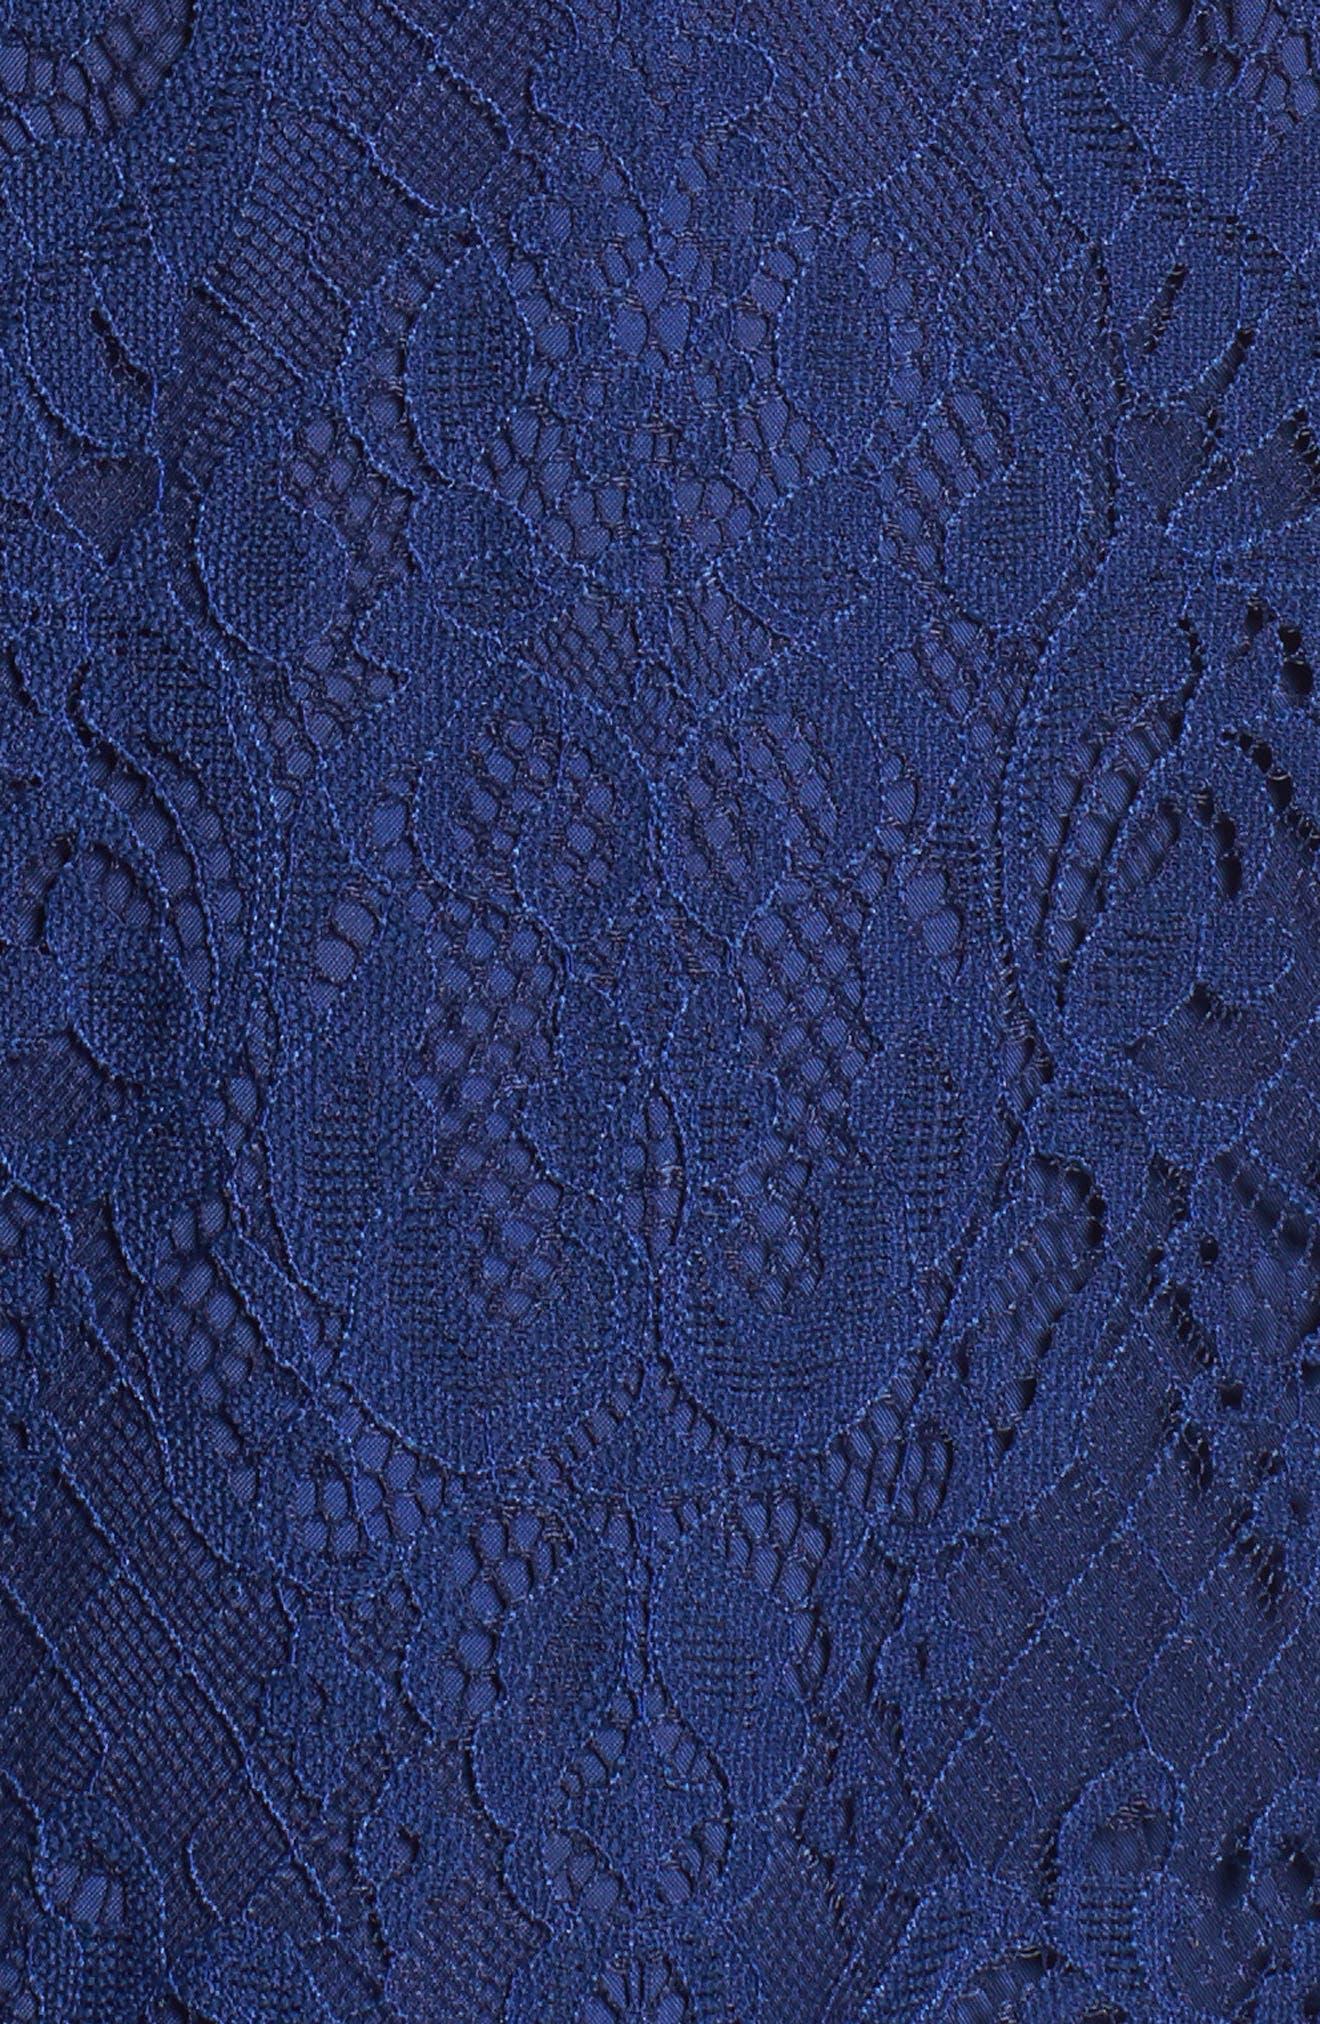 Cherie Lace Halter Sheath Dress,                             Alternate thumbnail 5, color,                             Blue